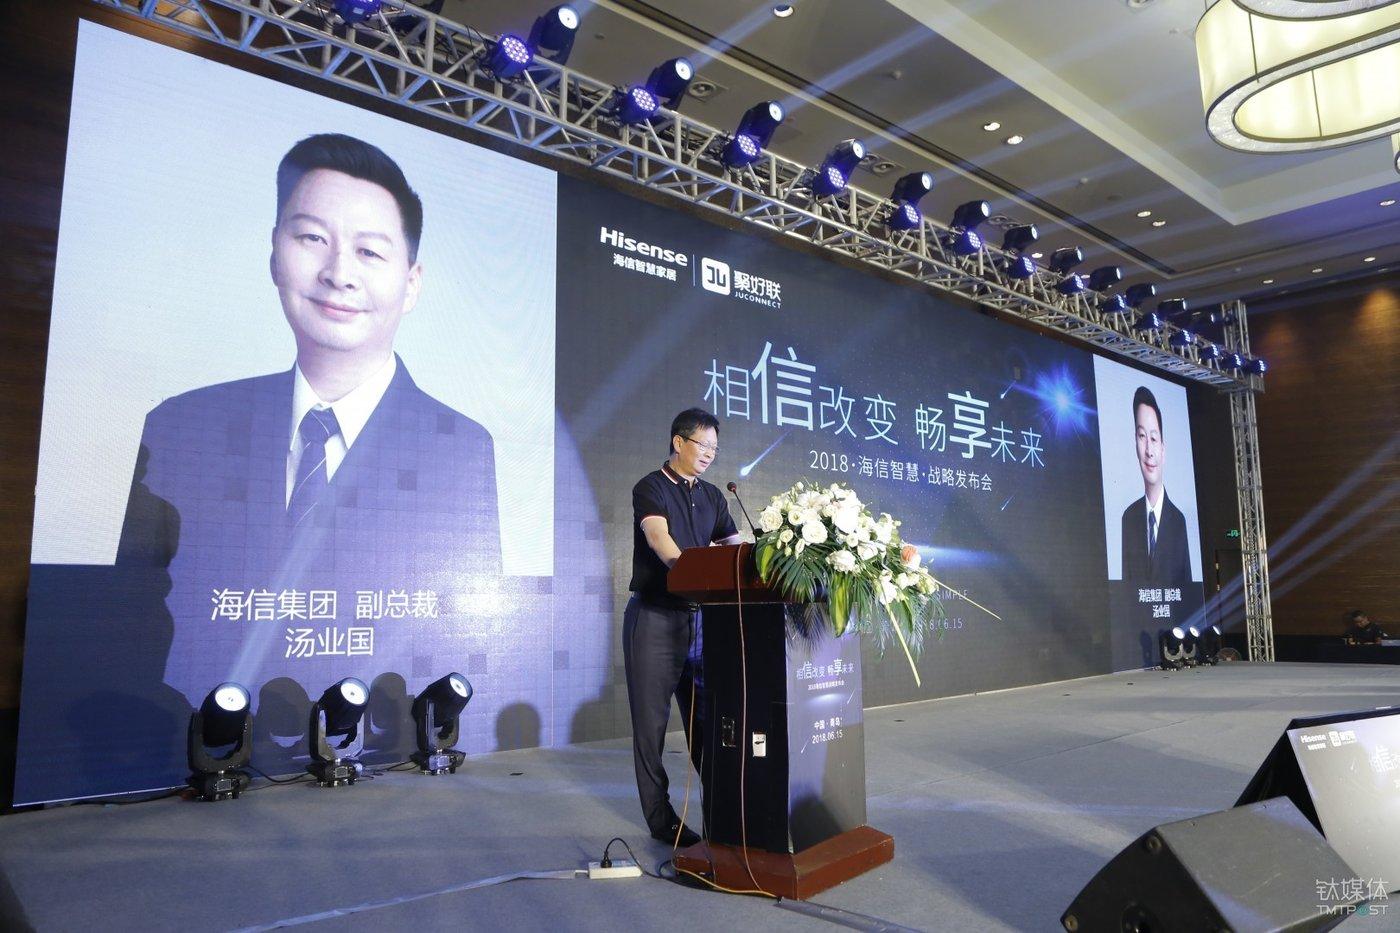 海信集团副总裁-汤业国